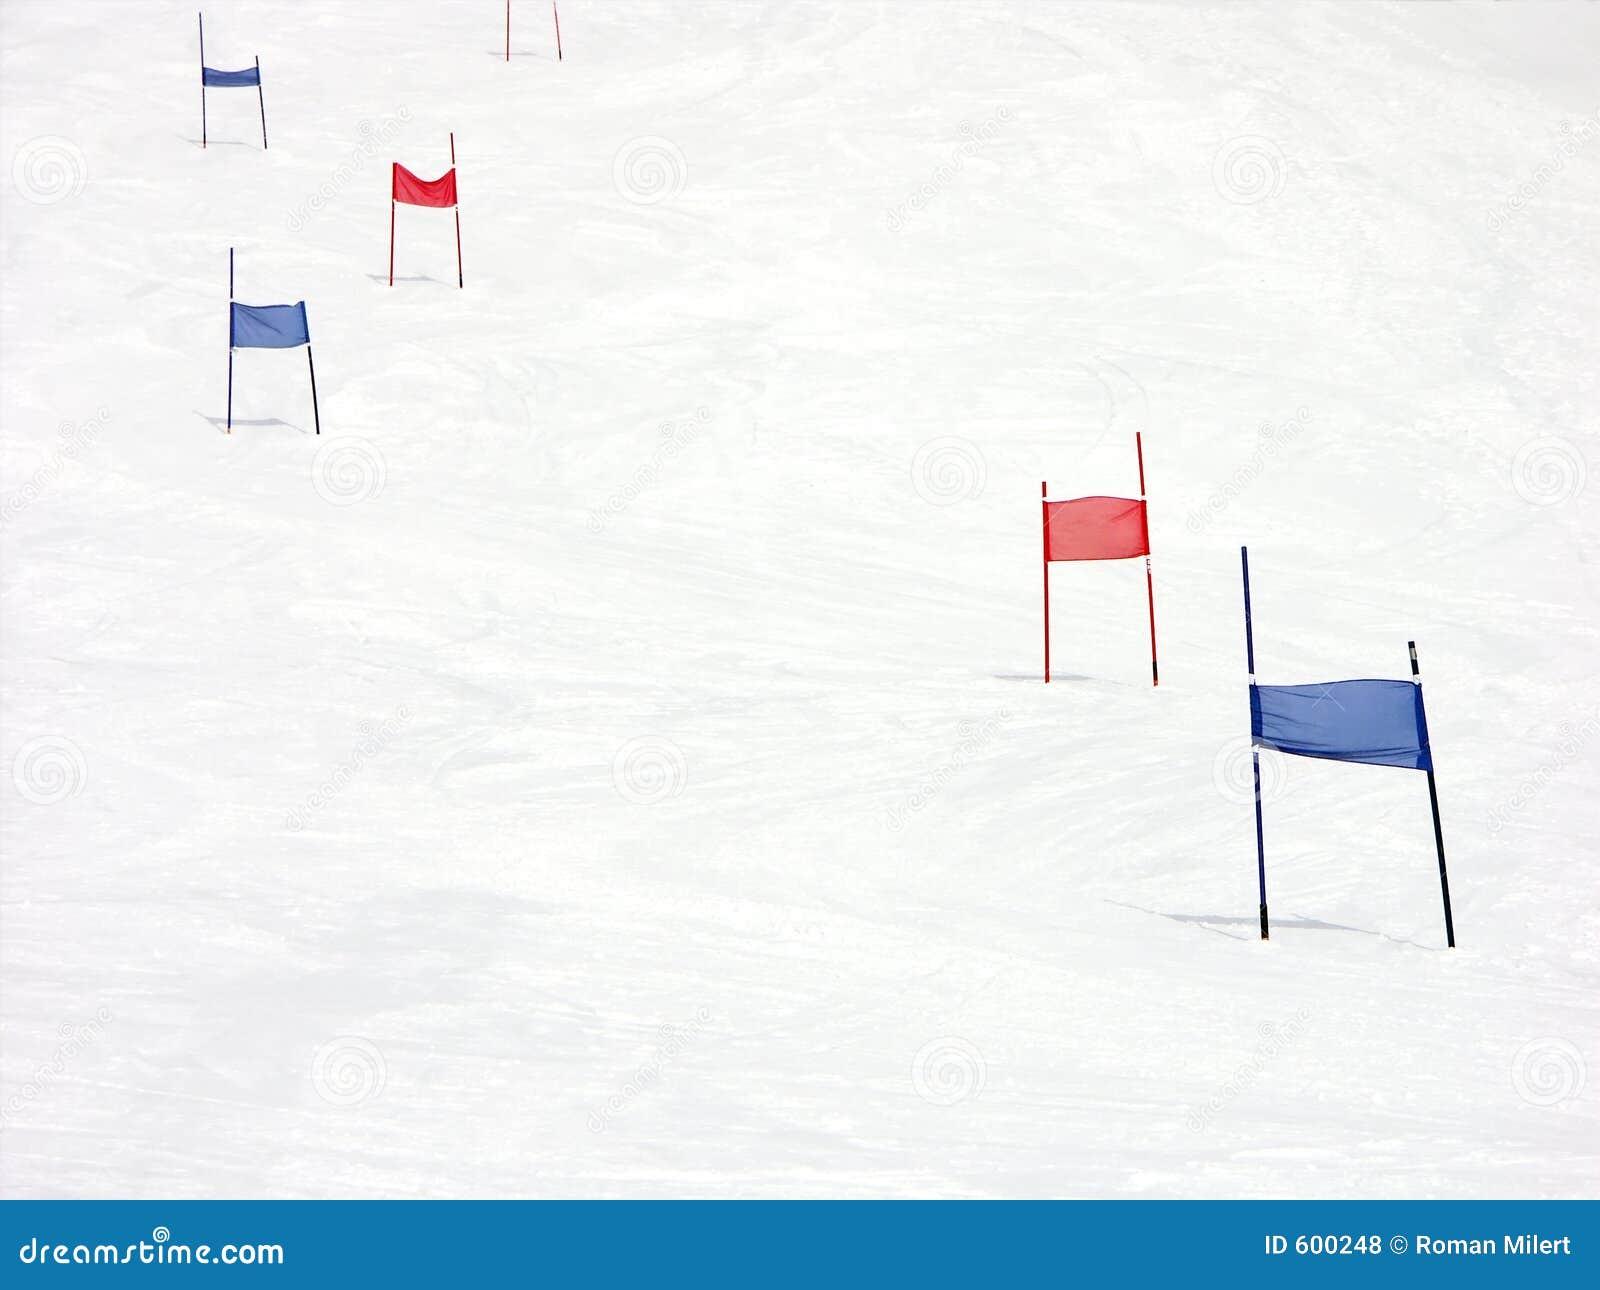 De helling van de slalom